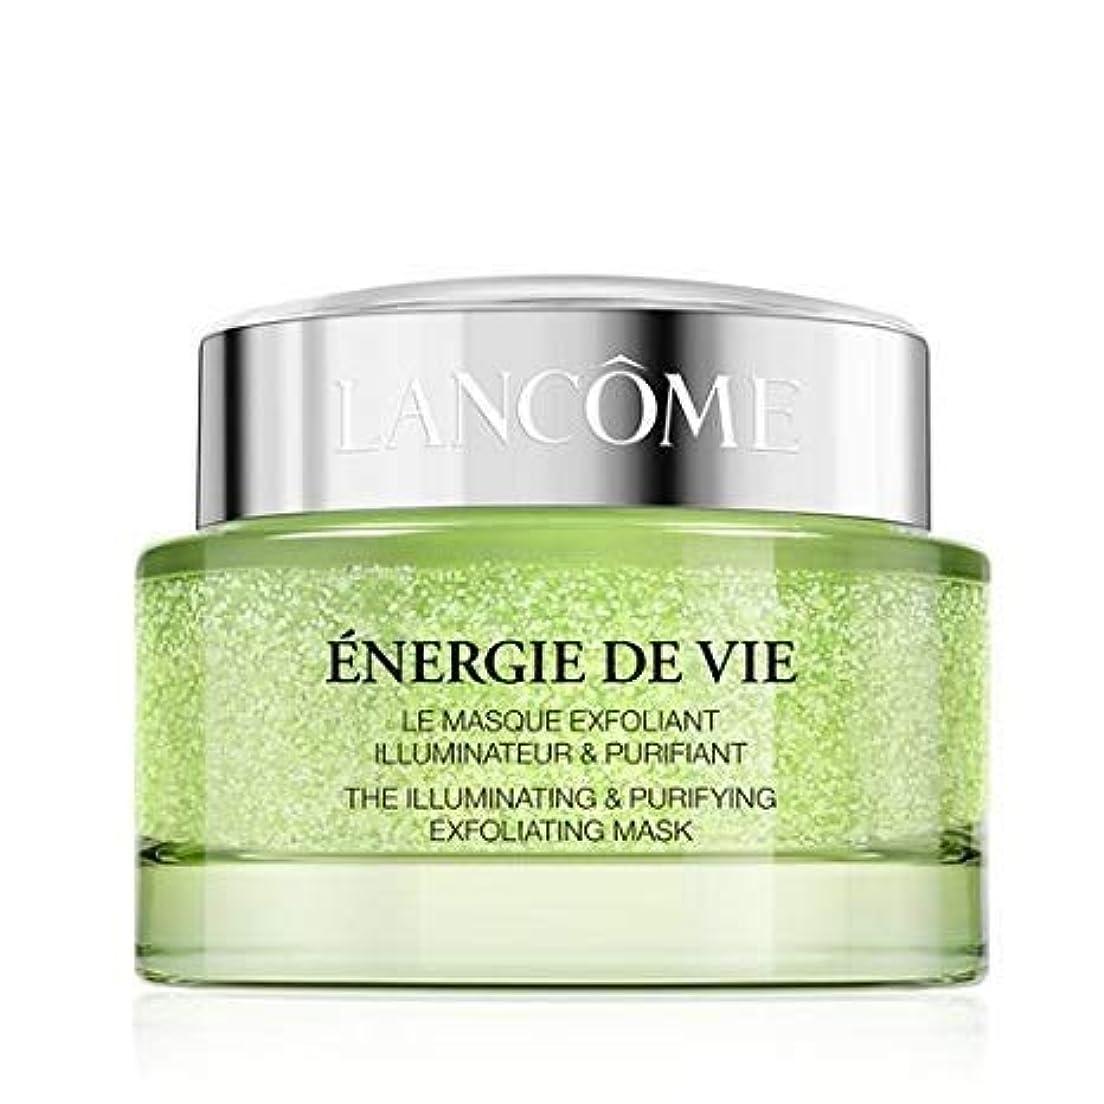 メダリスト感じヘッドレスランコム Energie De Vie The Illuminating & Purifying Exfoliating Mask 75ml